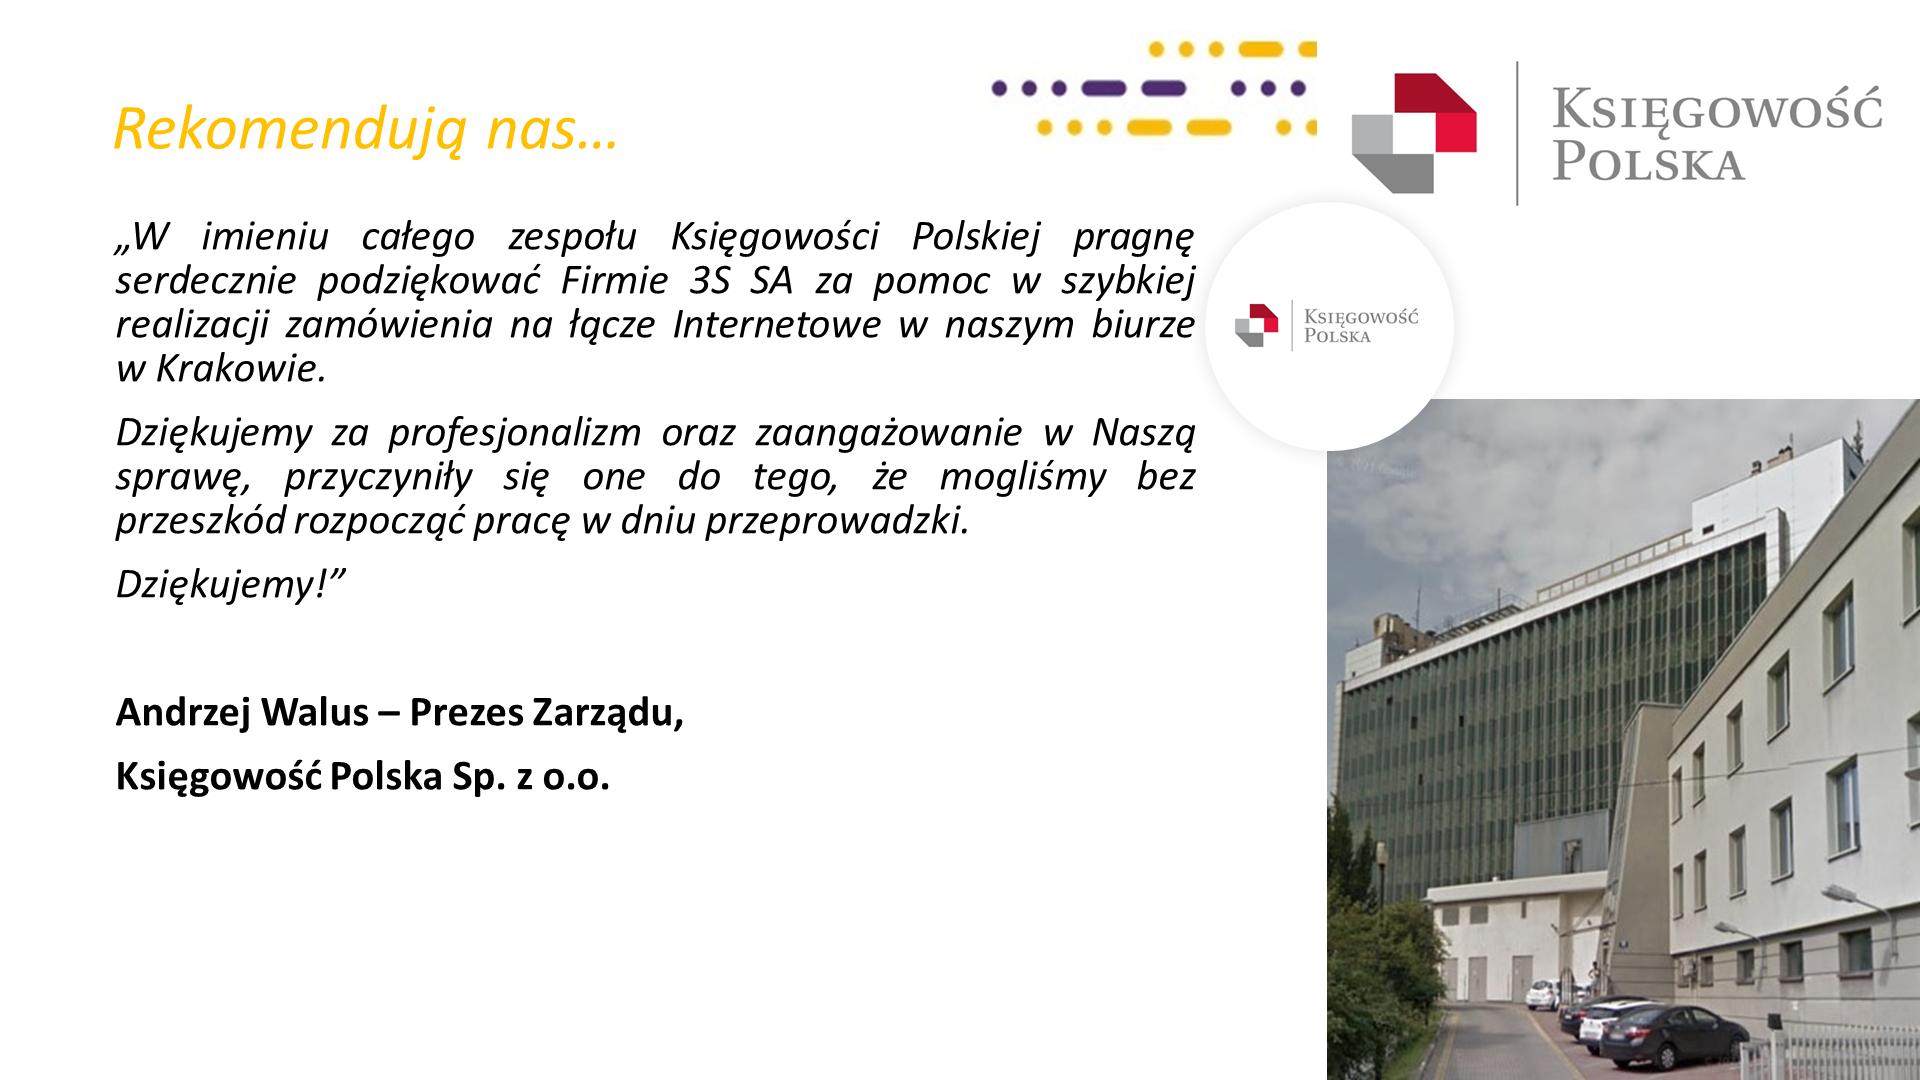 Księgowość polska